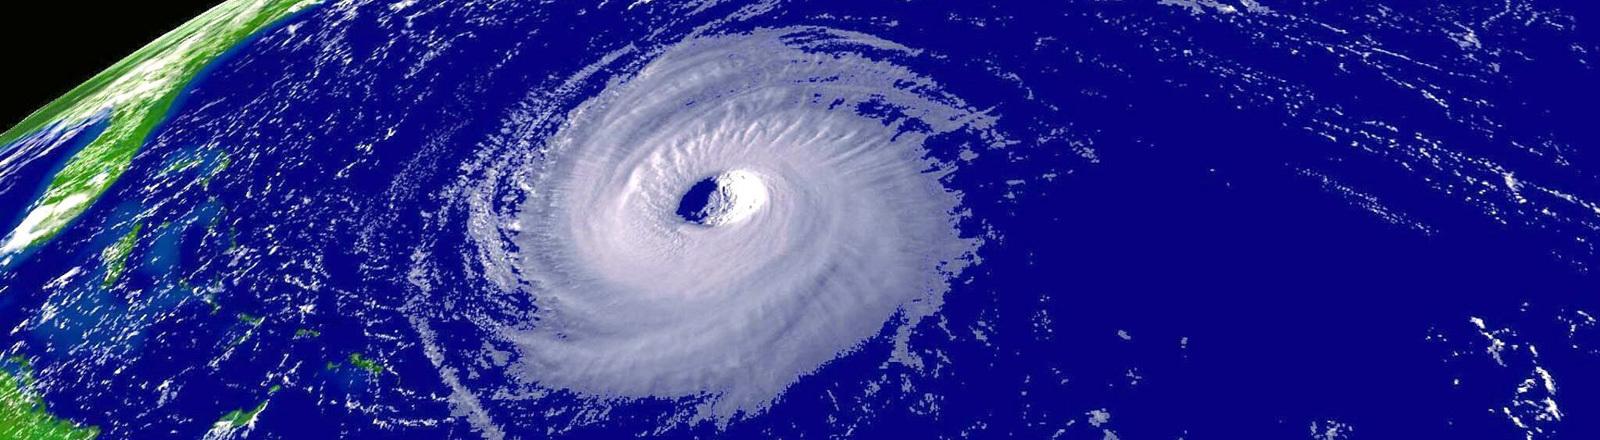 Hurrikan Isabel am 14.09.2003 bevor er an der US Ostküste ankommt.